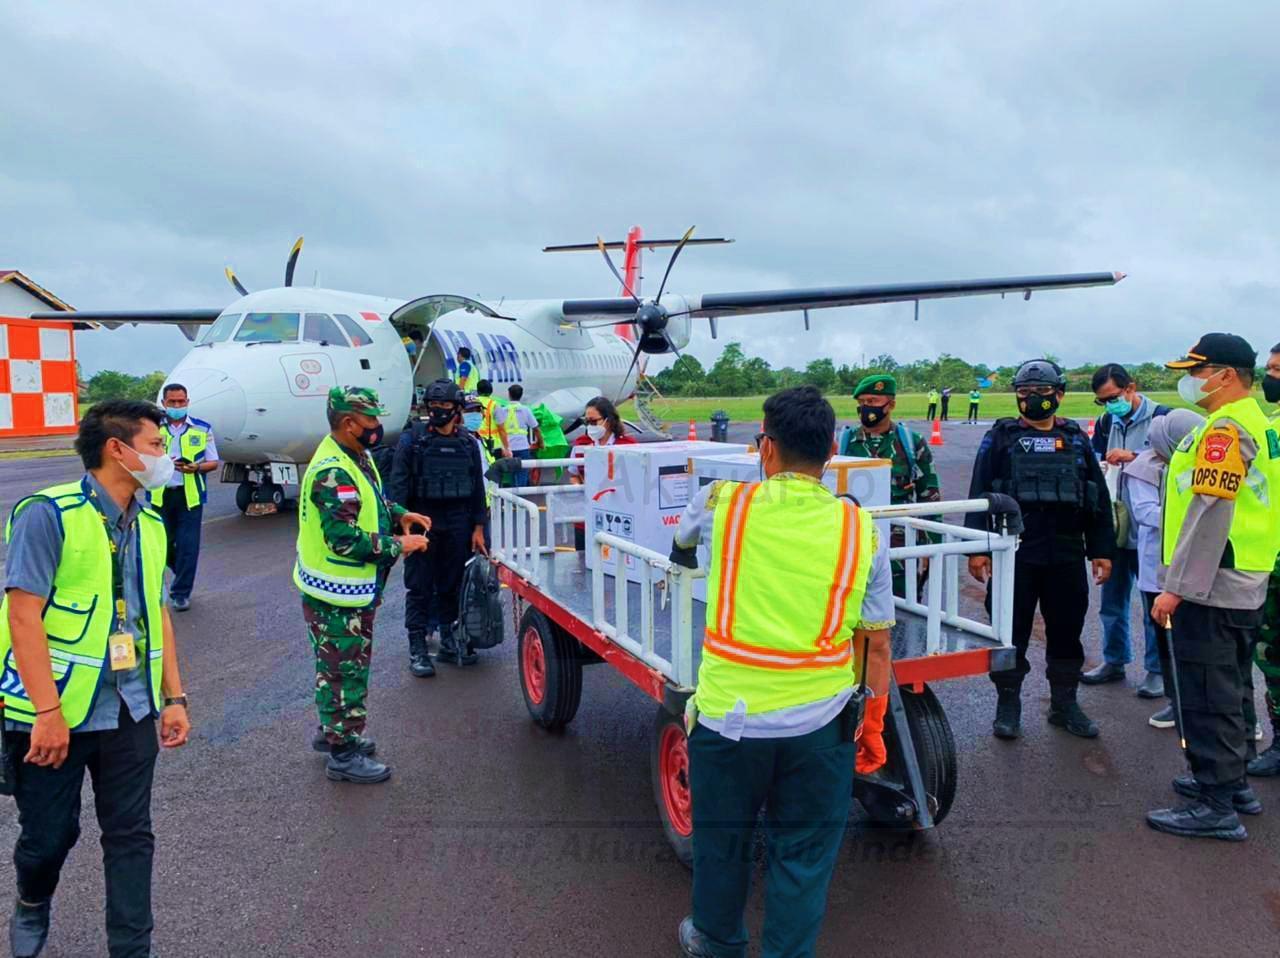 NAM Air Dipercayakan Mengantar Vaksin ke Berbagai Wilayah di Kalimantan Barat 18 IMG 20210129 000229